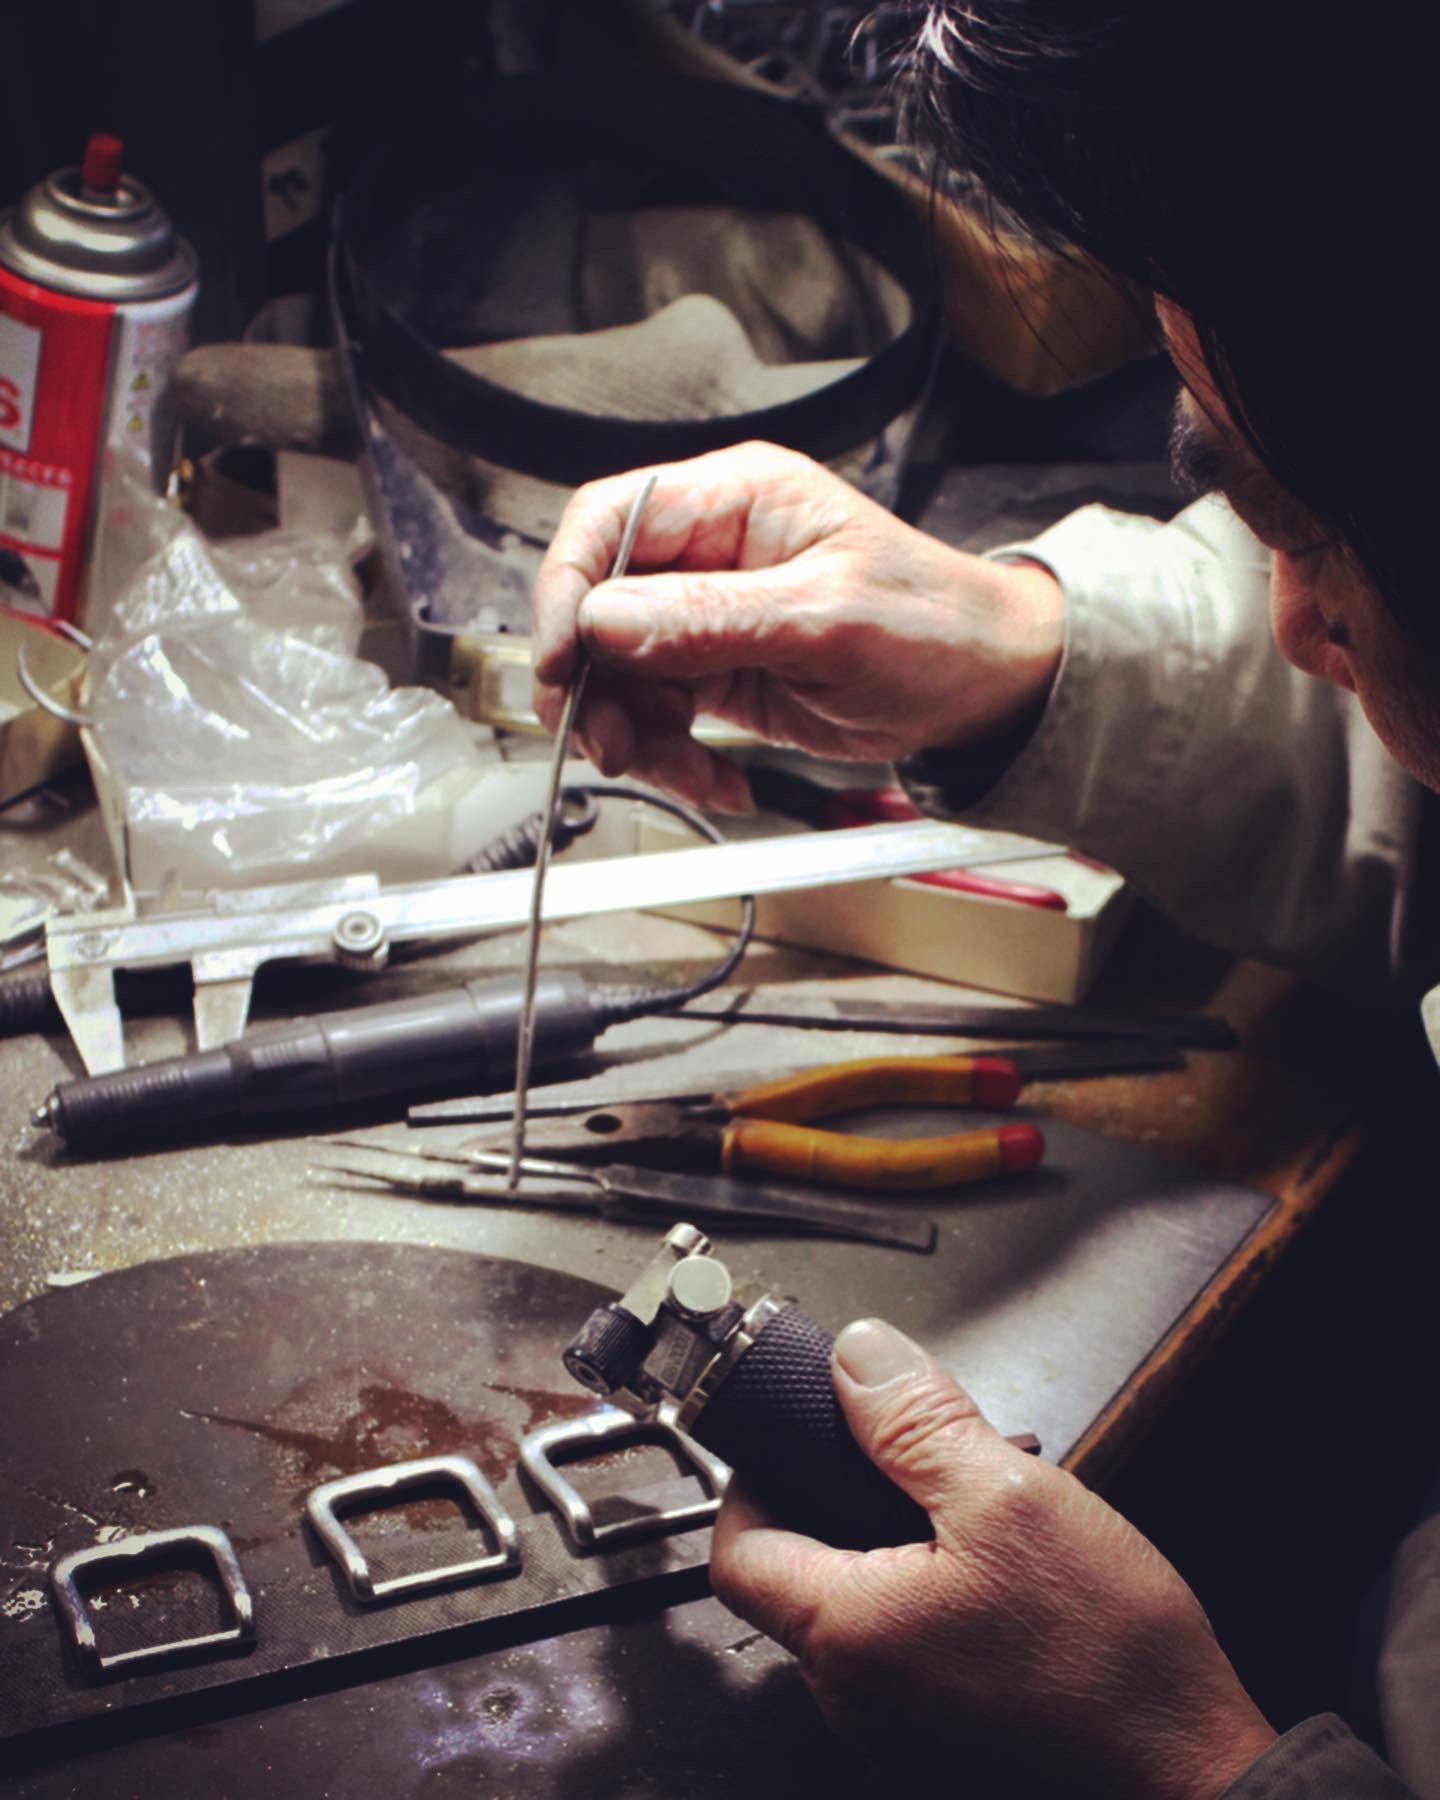 私たちメタルハウスは80年以上 お客様の大切なブランドの金具を製作したり、アクセサリーのデザインにオリジナルのロゴ入れたり、希望のサイズや色、形、ロット、素材を自由カスタマイズしながらオーダーメイドの金具やアクセサリー製作し続けています。